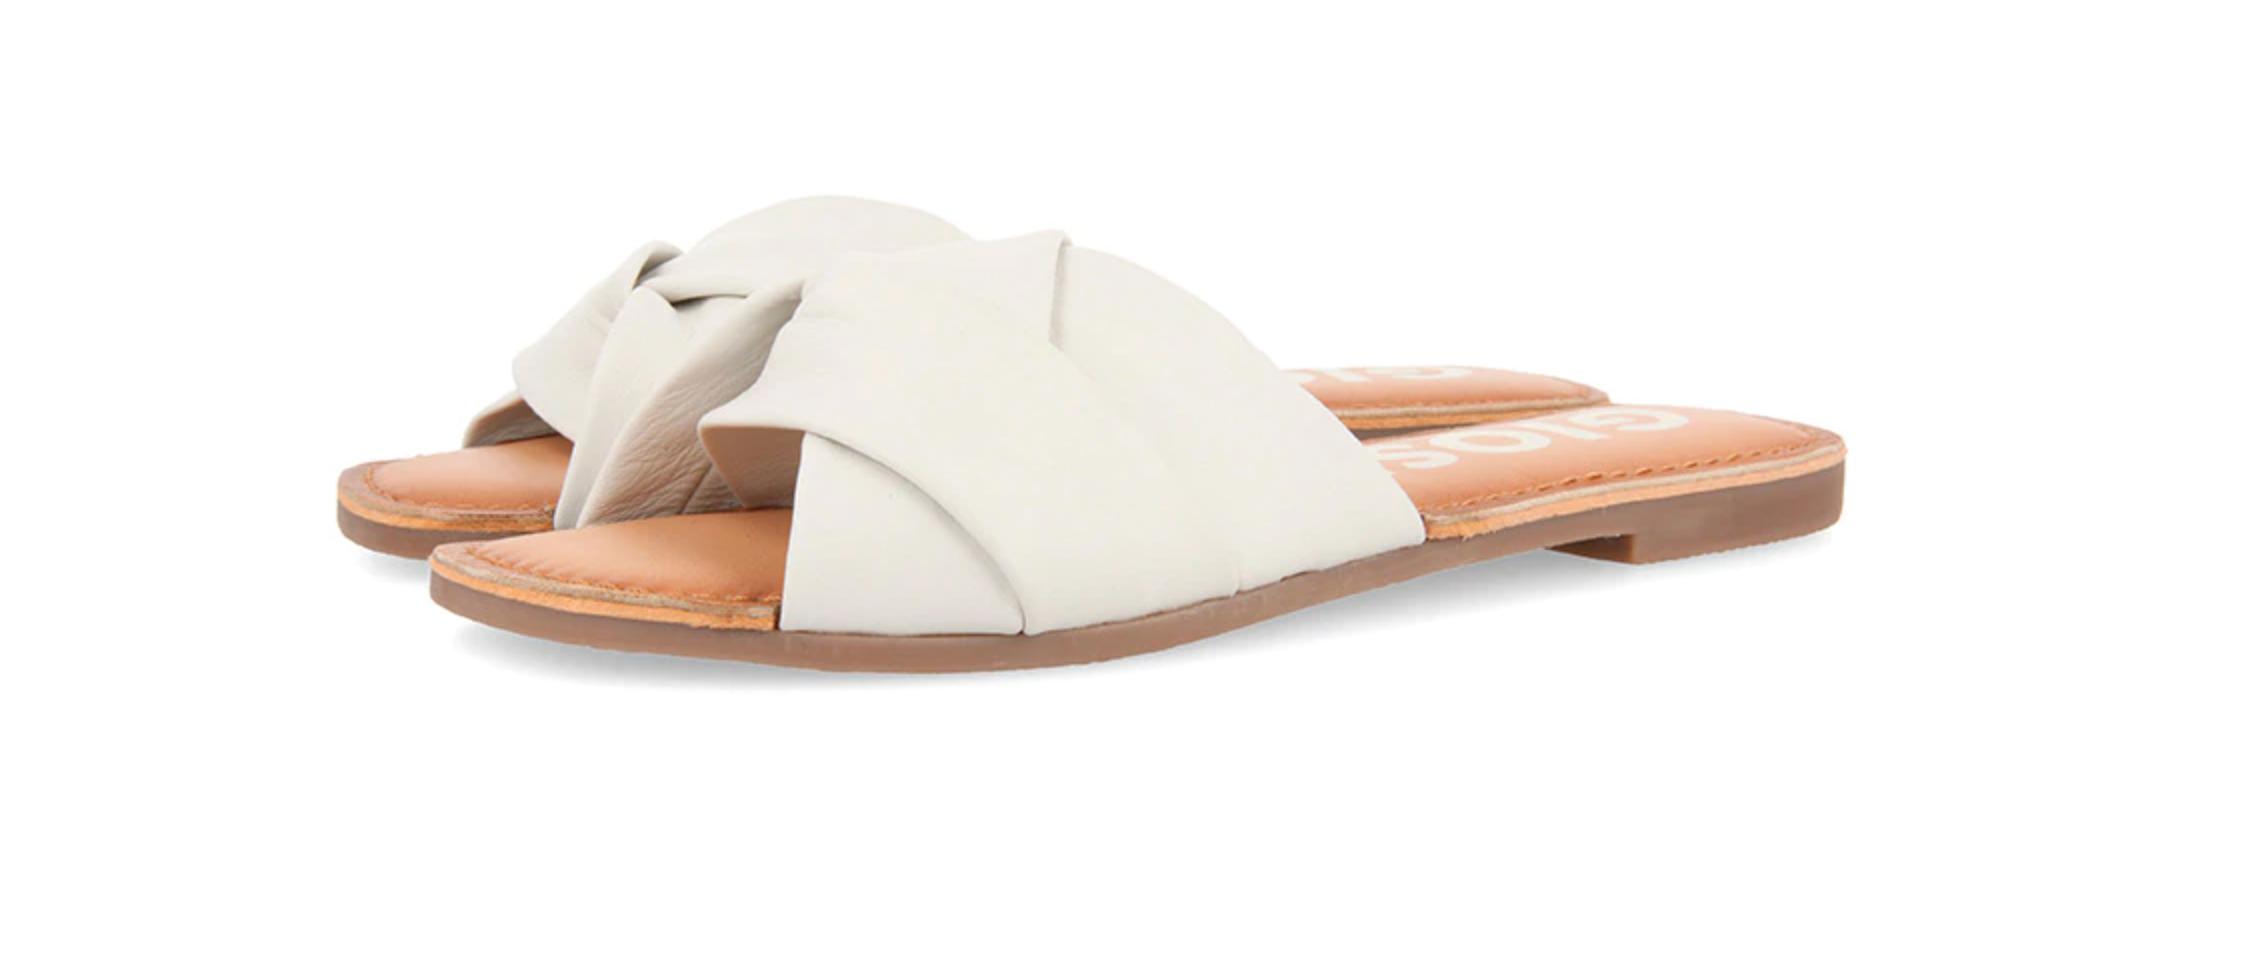 Sandalias pala blancas